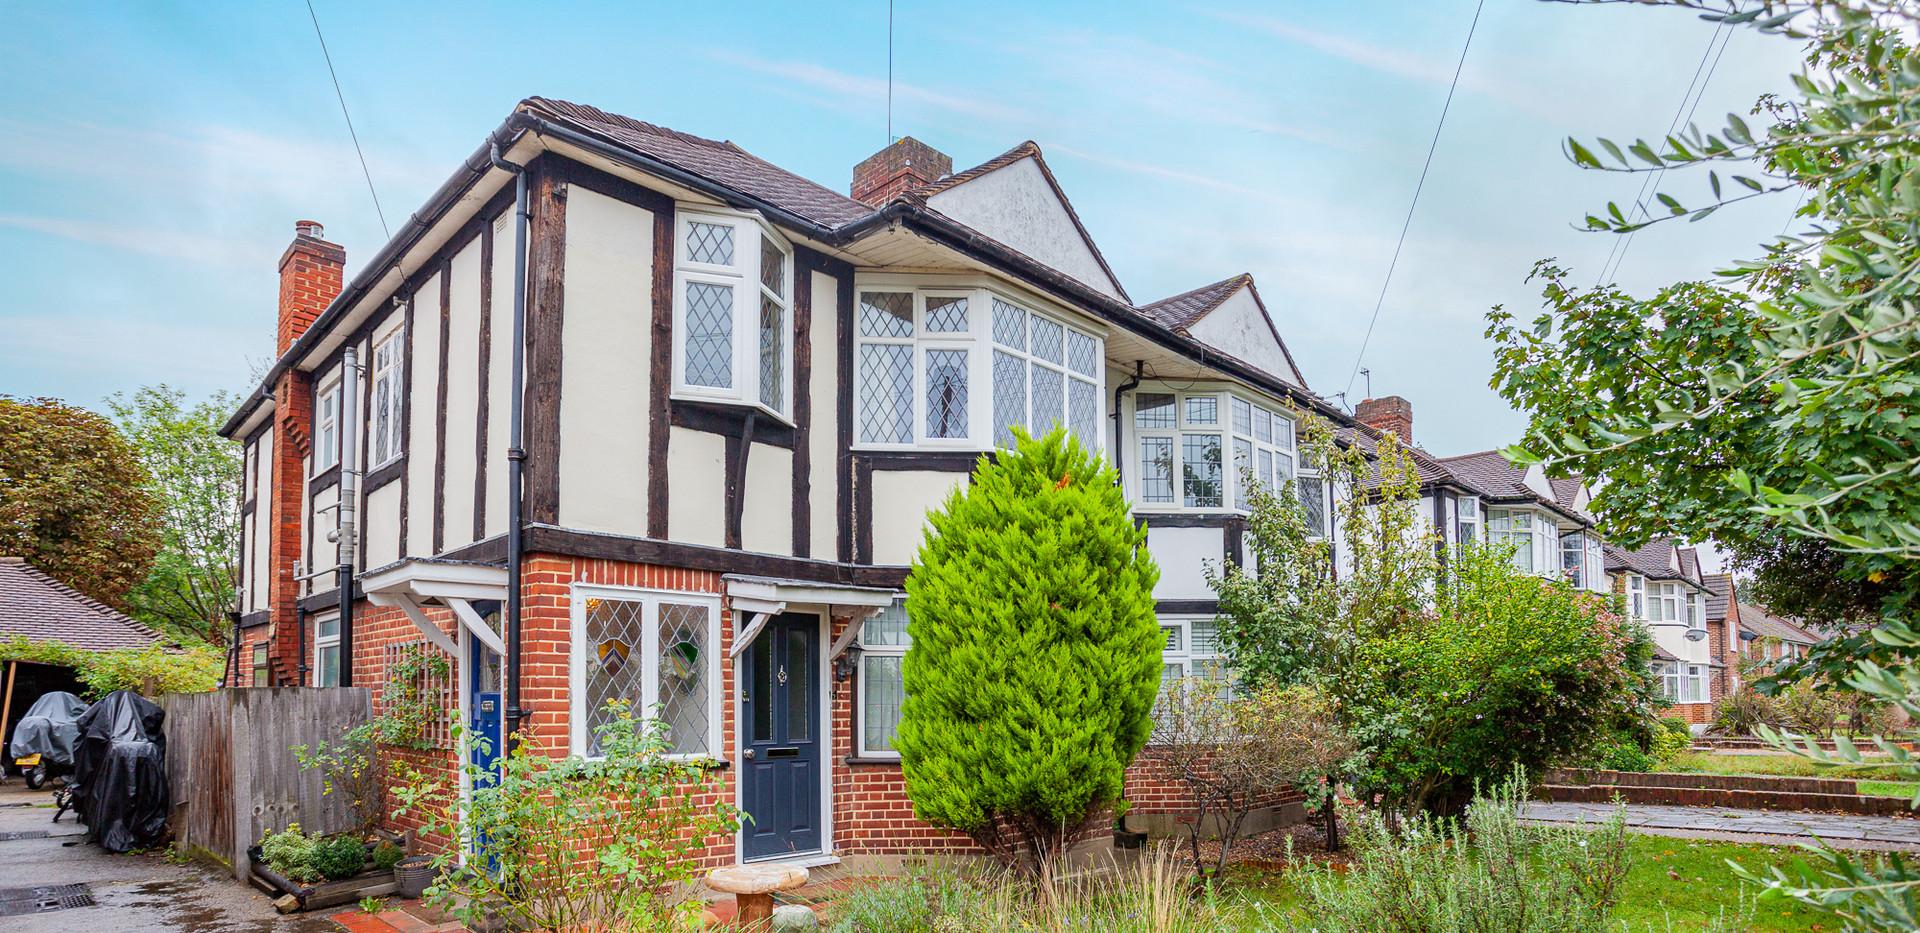 Aboyne-Drive-London-maisonette-IMG_9503.